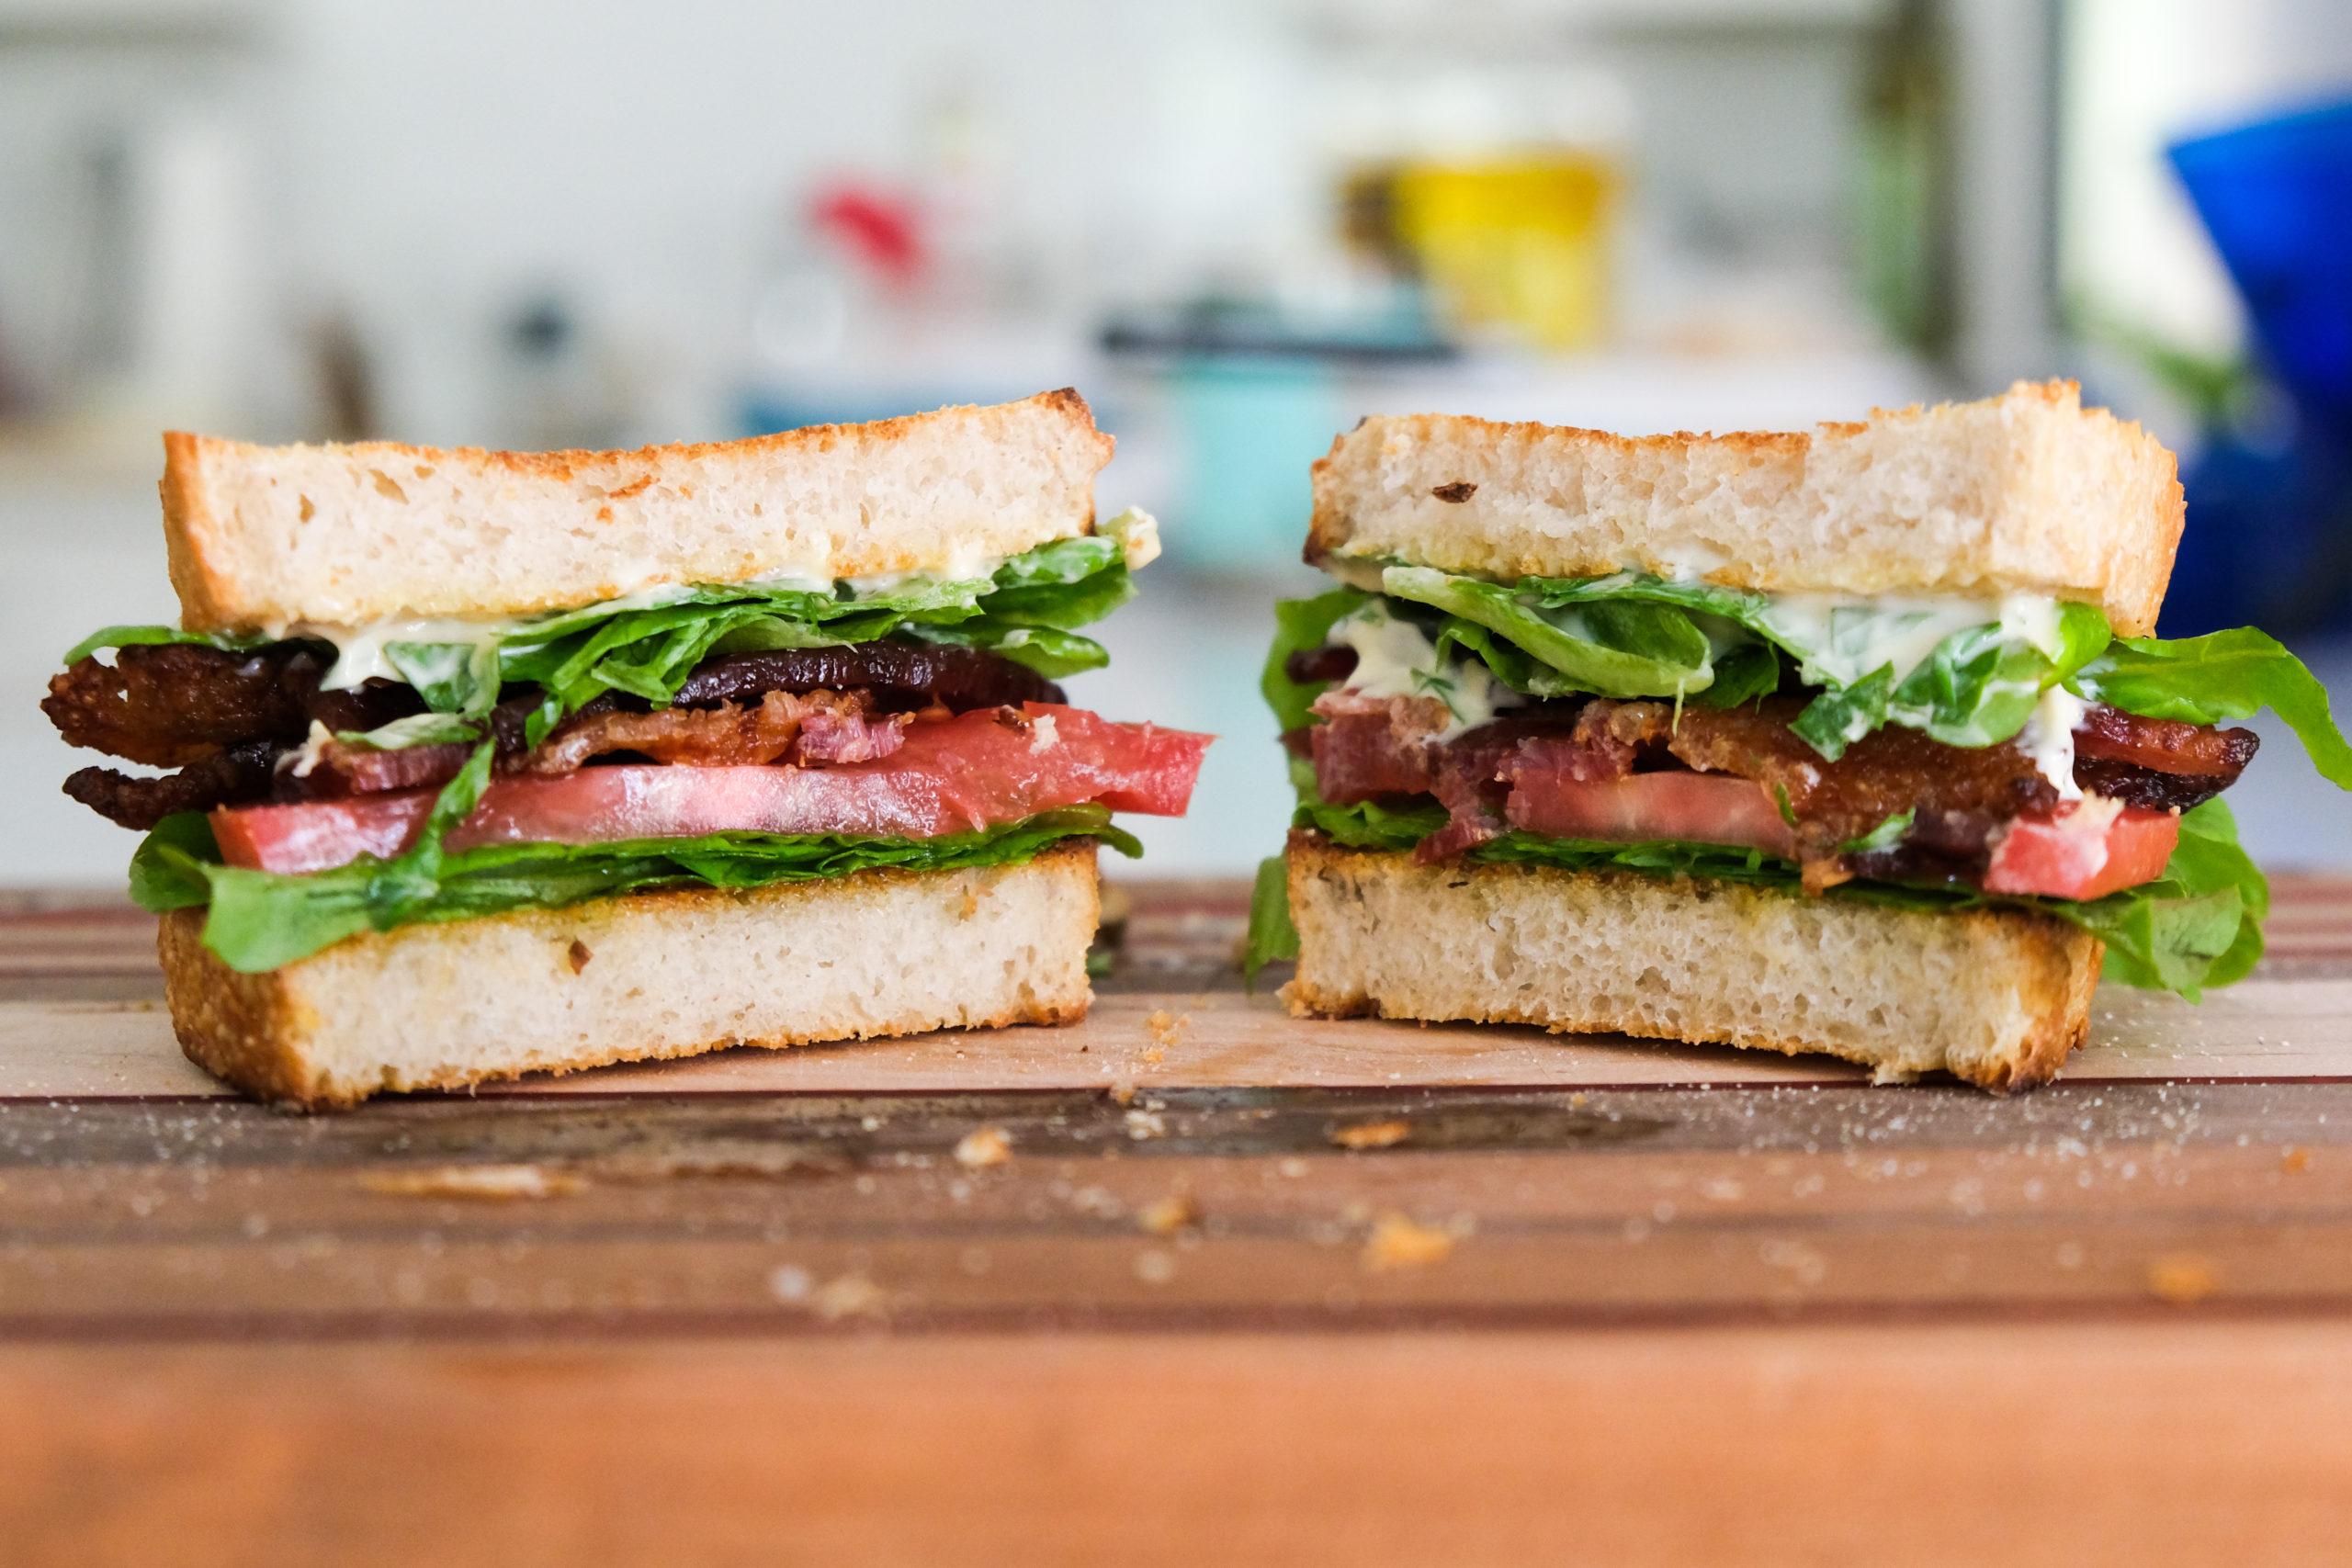 Garden & Gun's Perfect BLT sandwich